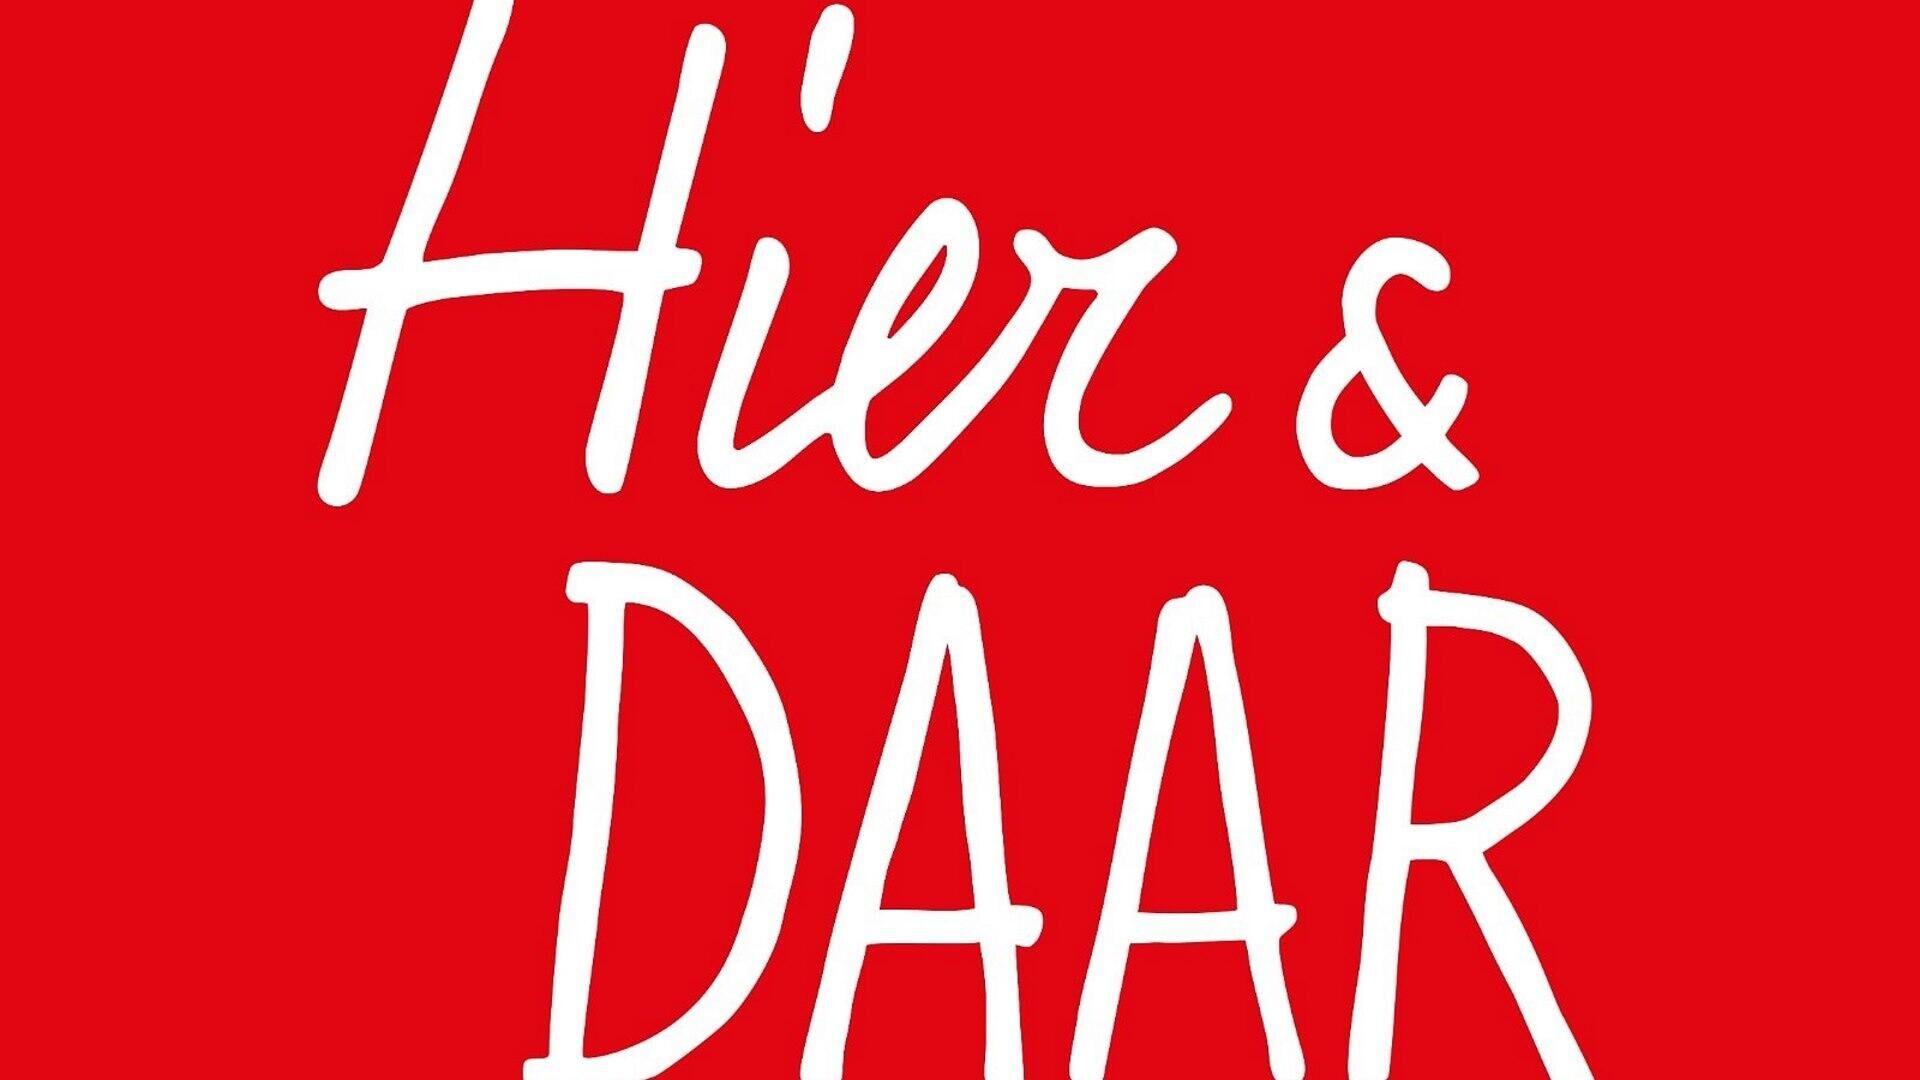 Hier & DAAR